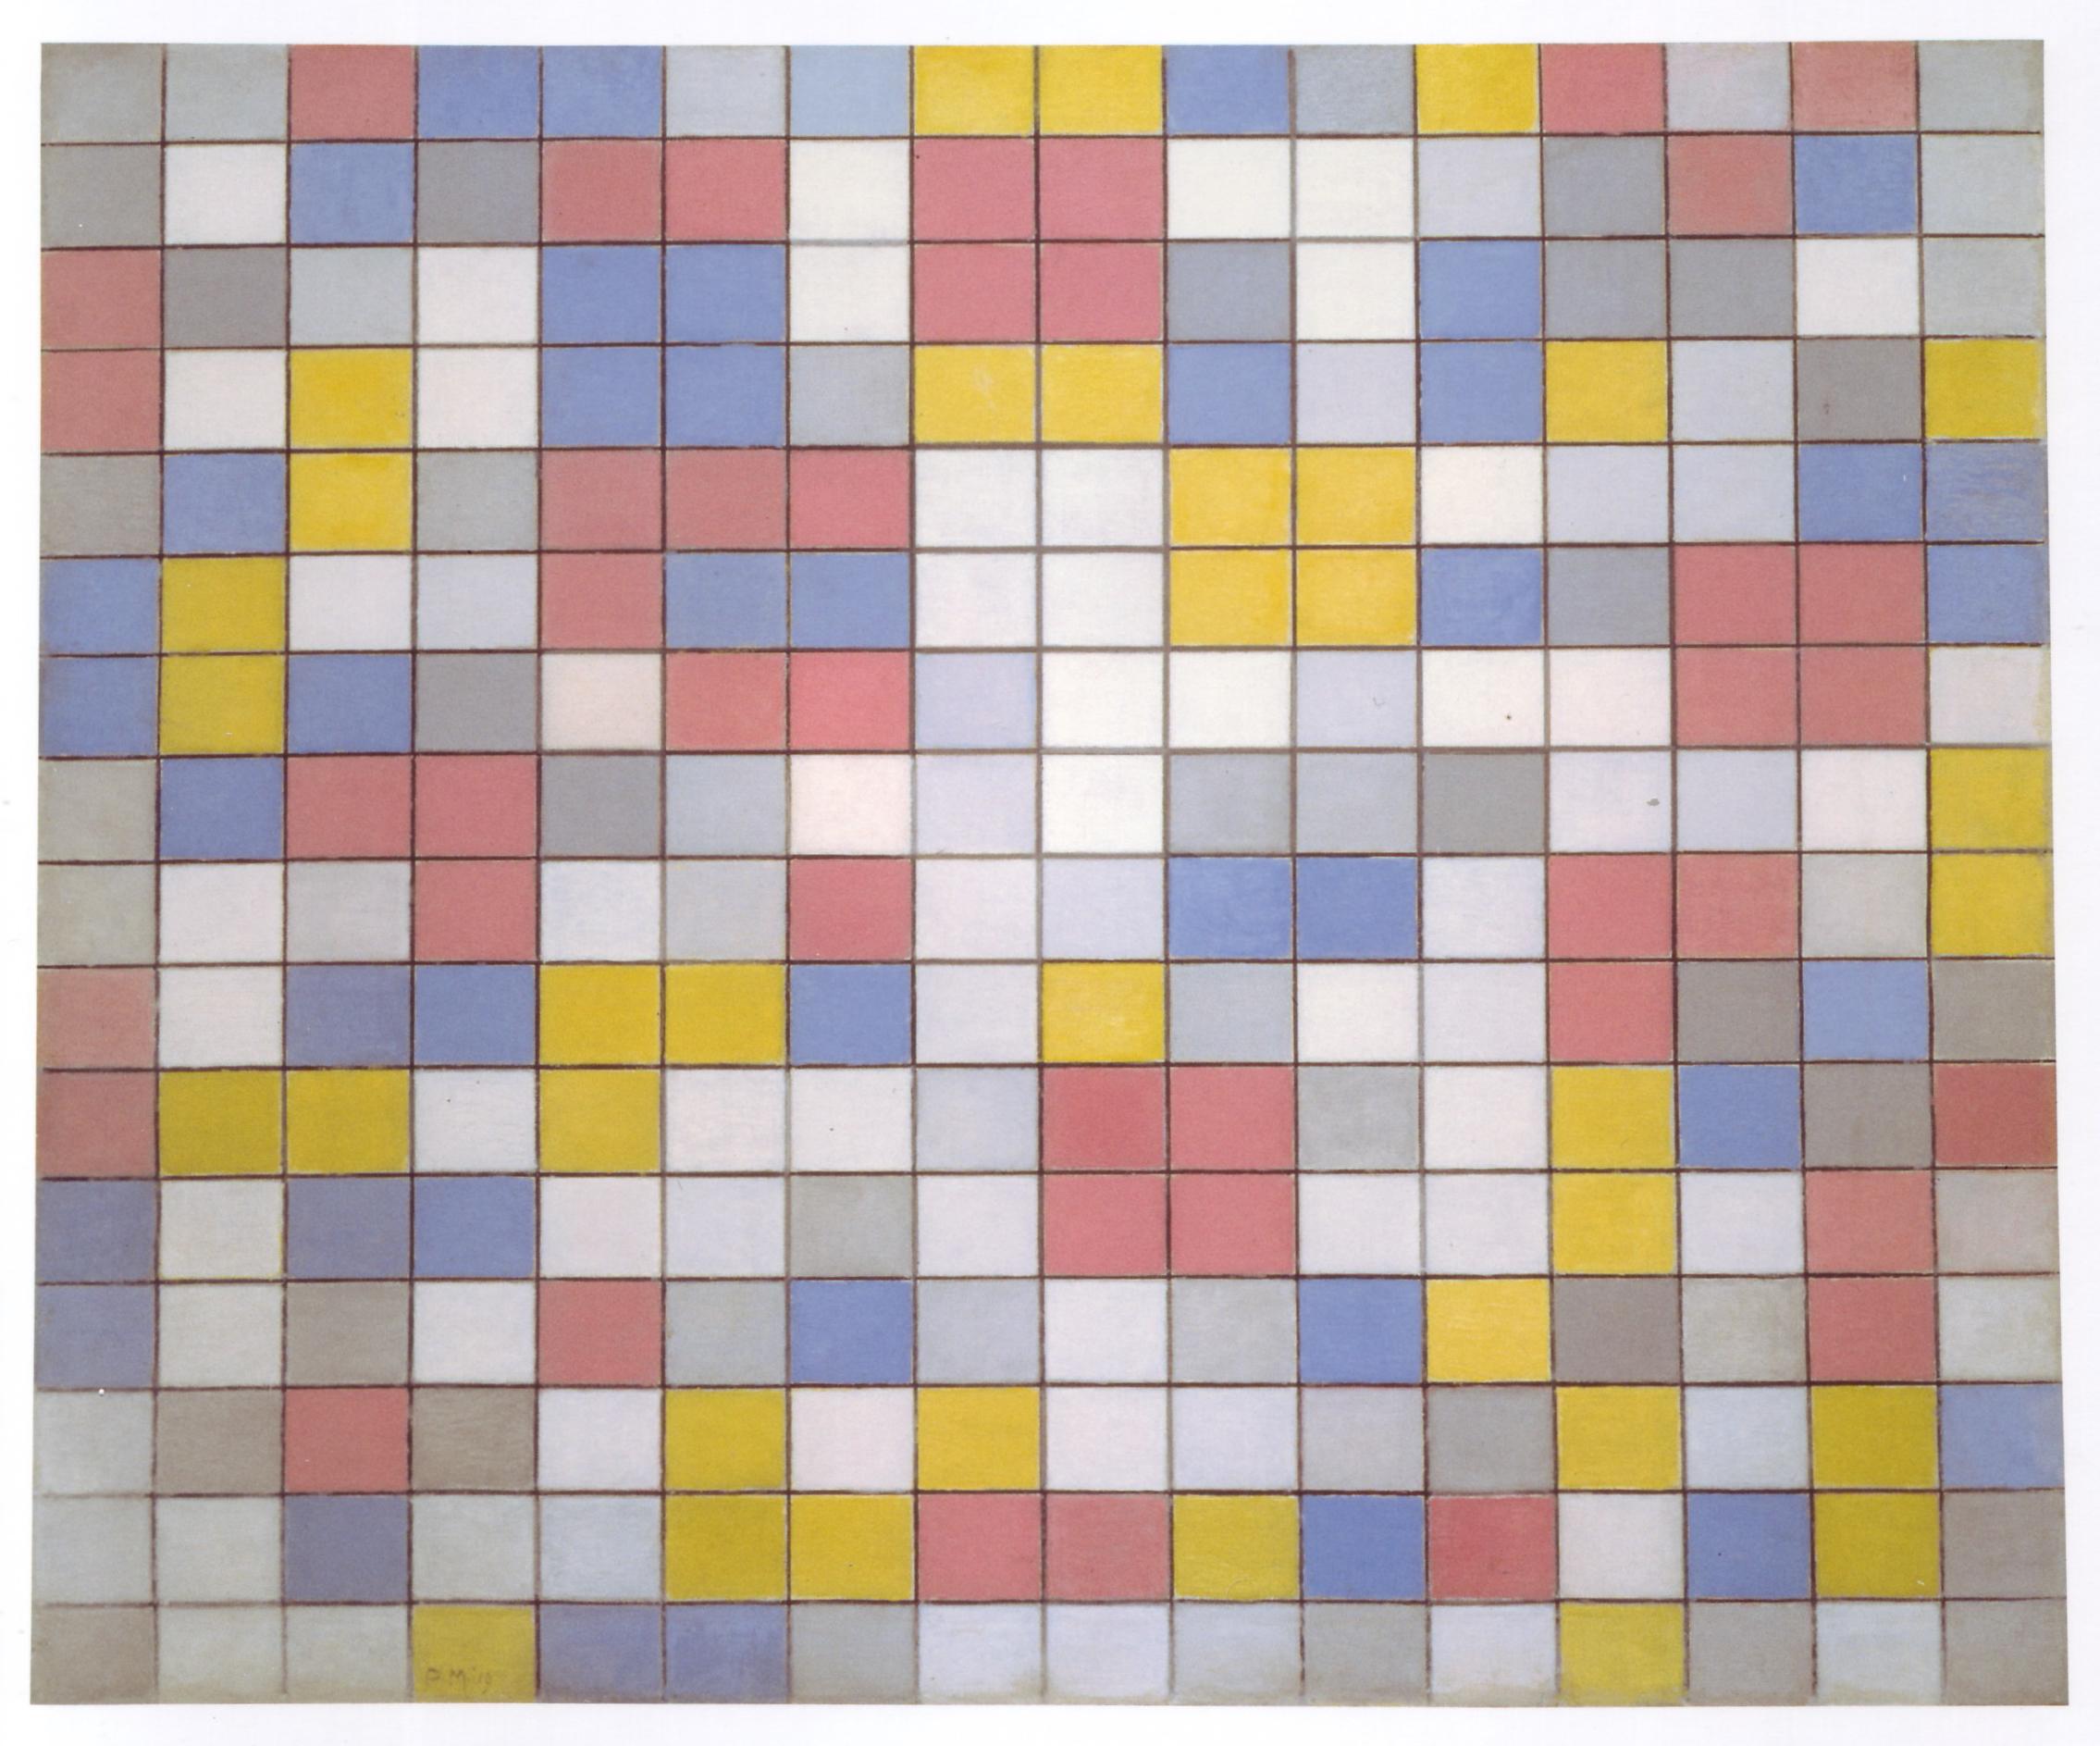 Composizione: piani di colore chiaro con grey contorni di piet mondrian famous painting composizione